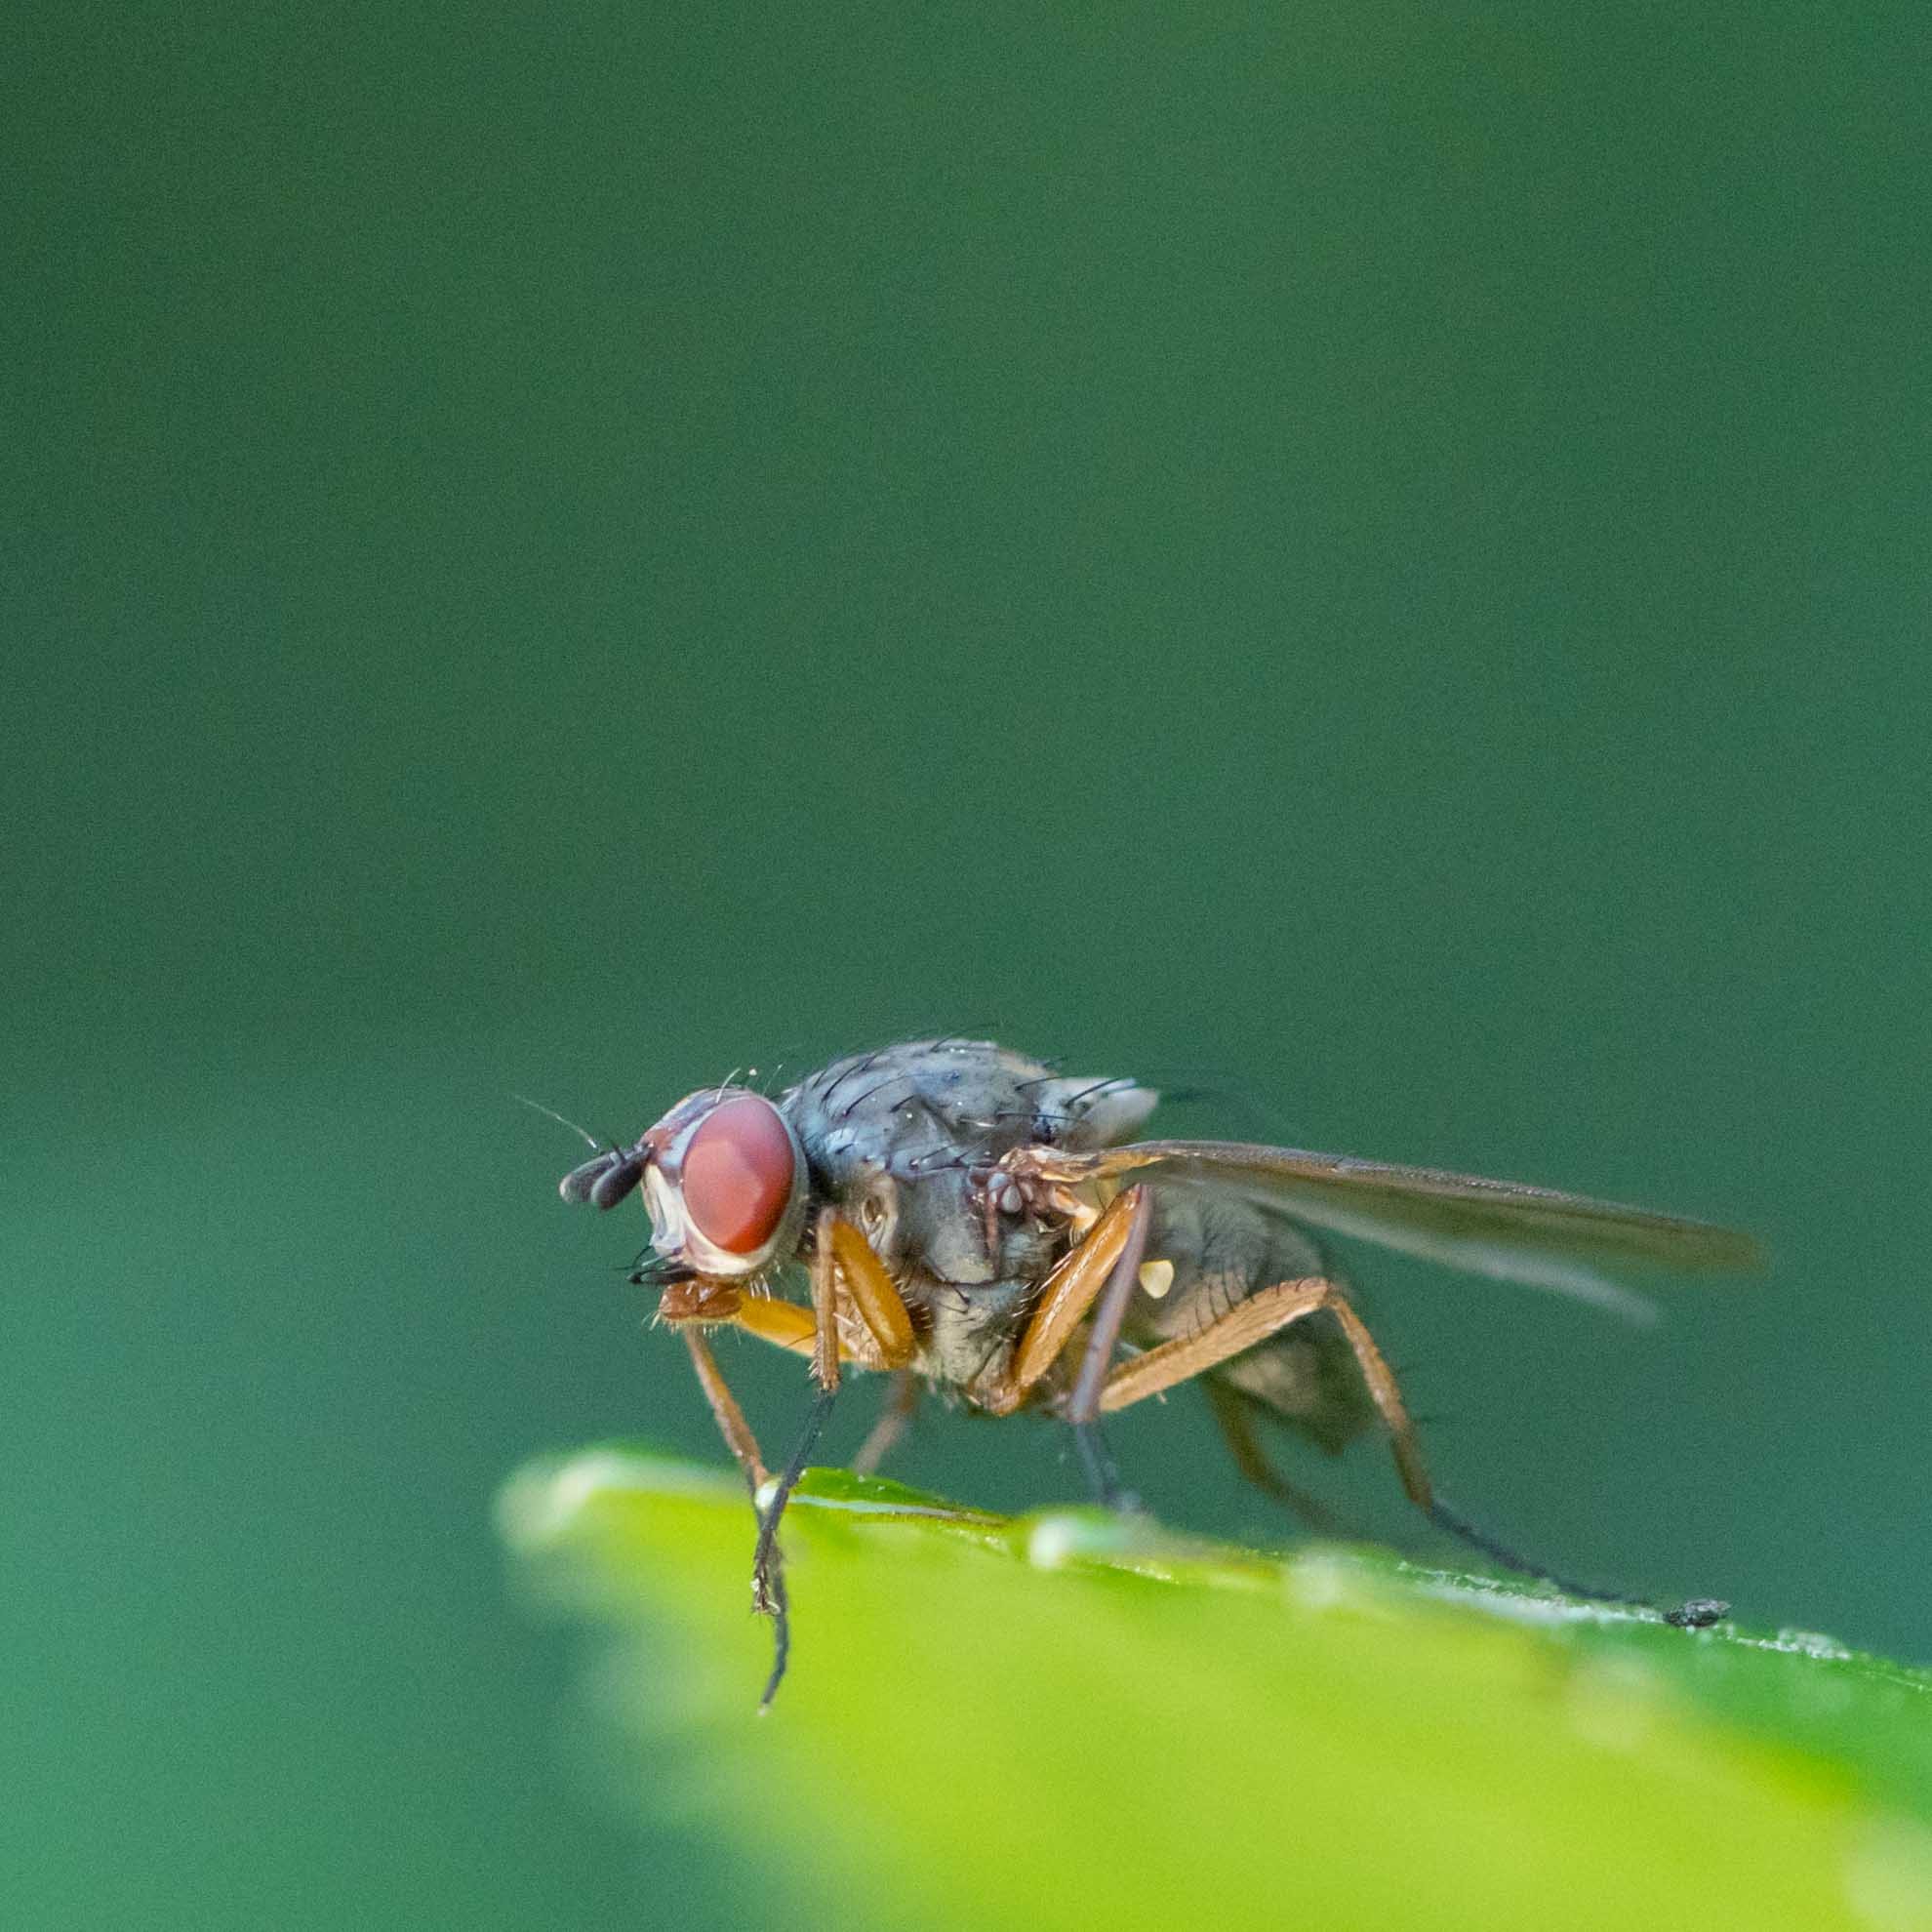 ハエのマクロ撮影